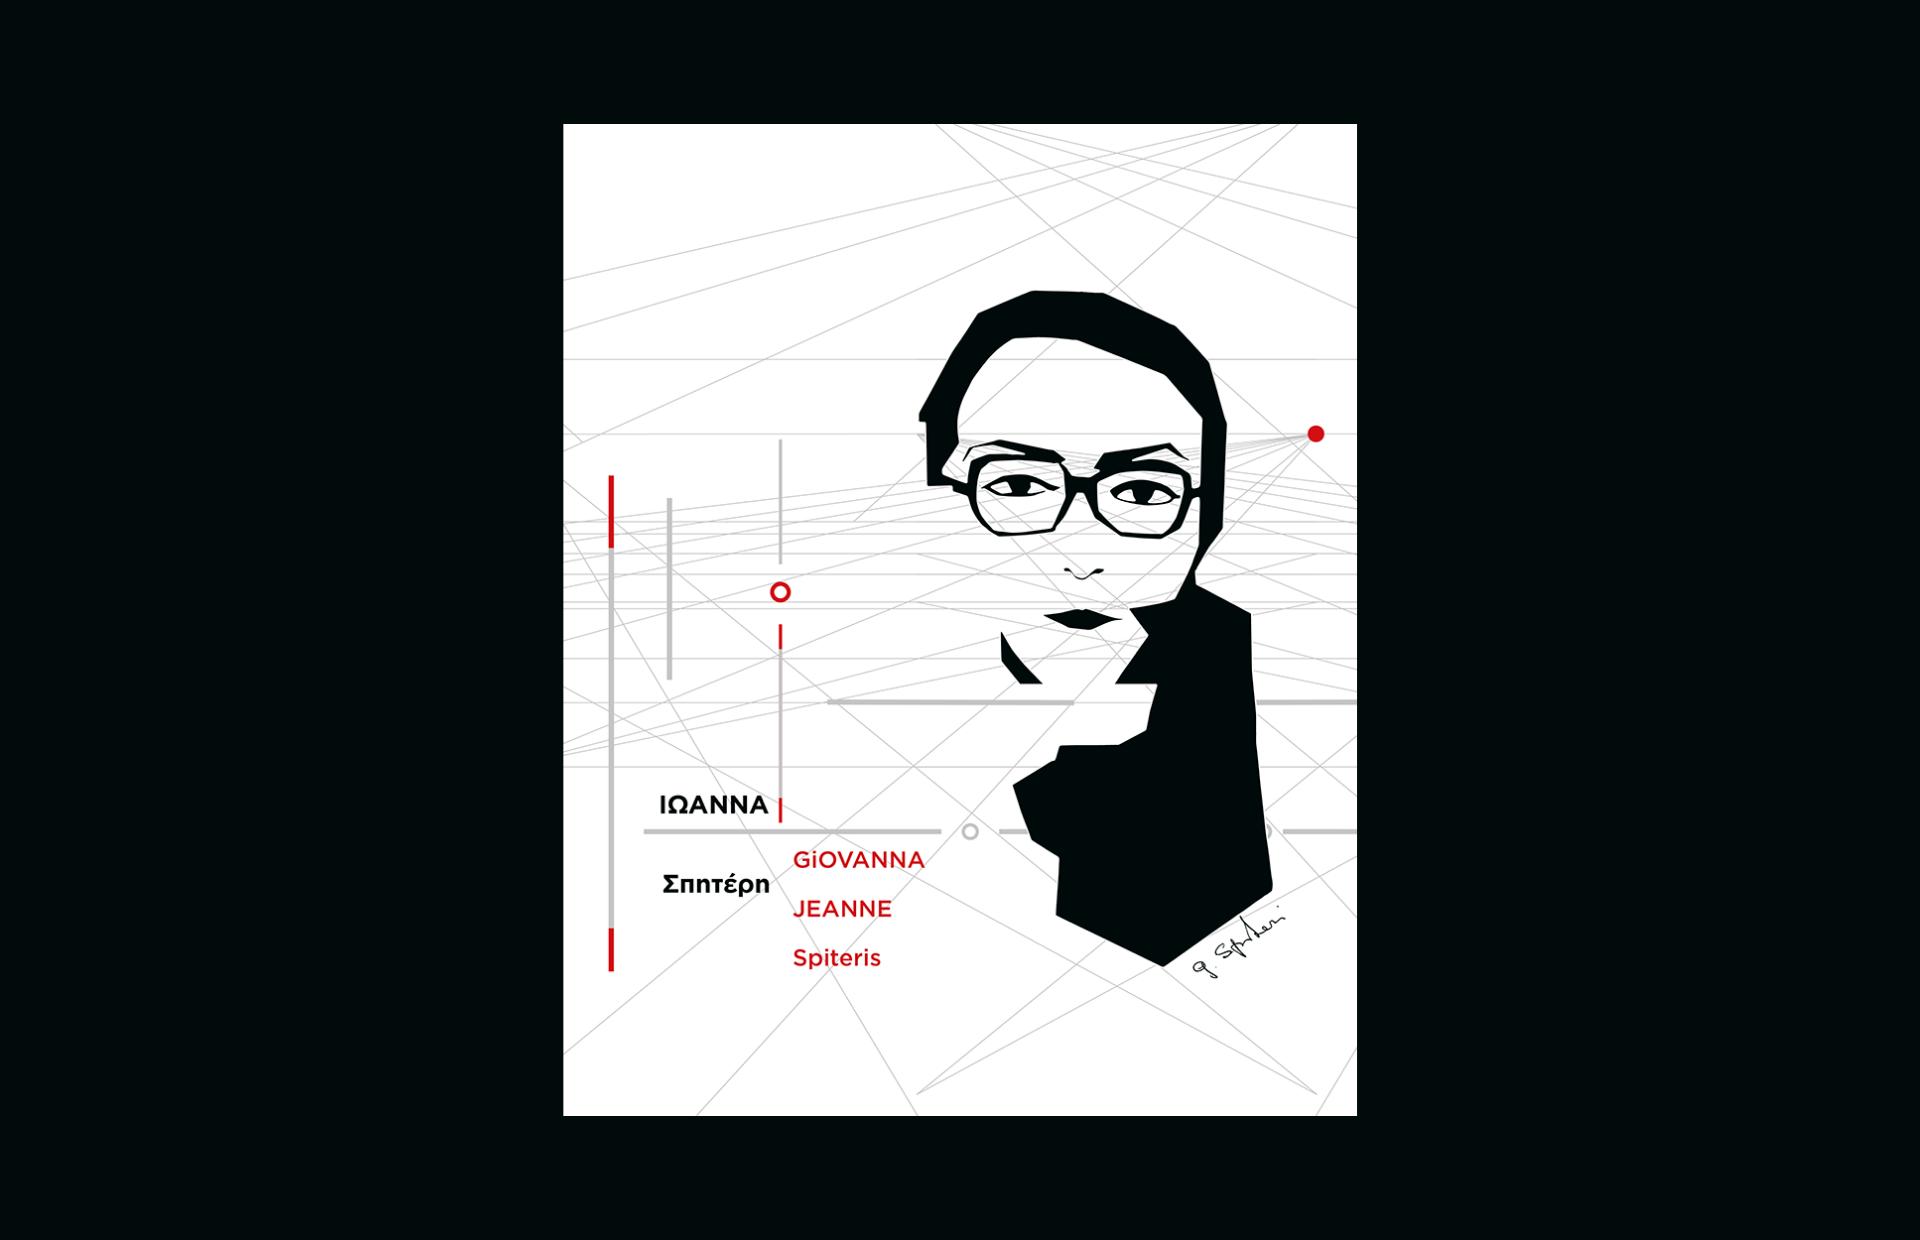 Ψηφιακή παρουσίαση της έκθεσης «Ιωάννα-Giovanna-Jeanne Spiteris/Σπητέρη», από το Τελλόγλειο Ίδρυμα